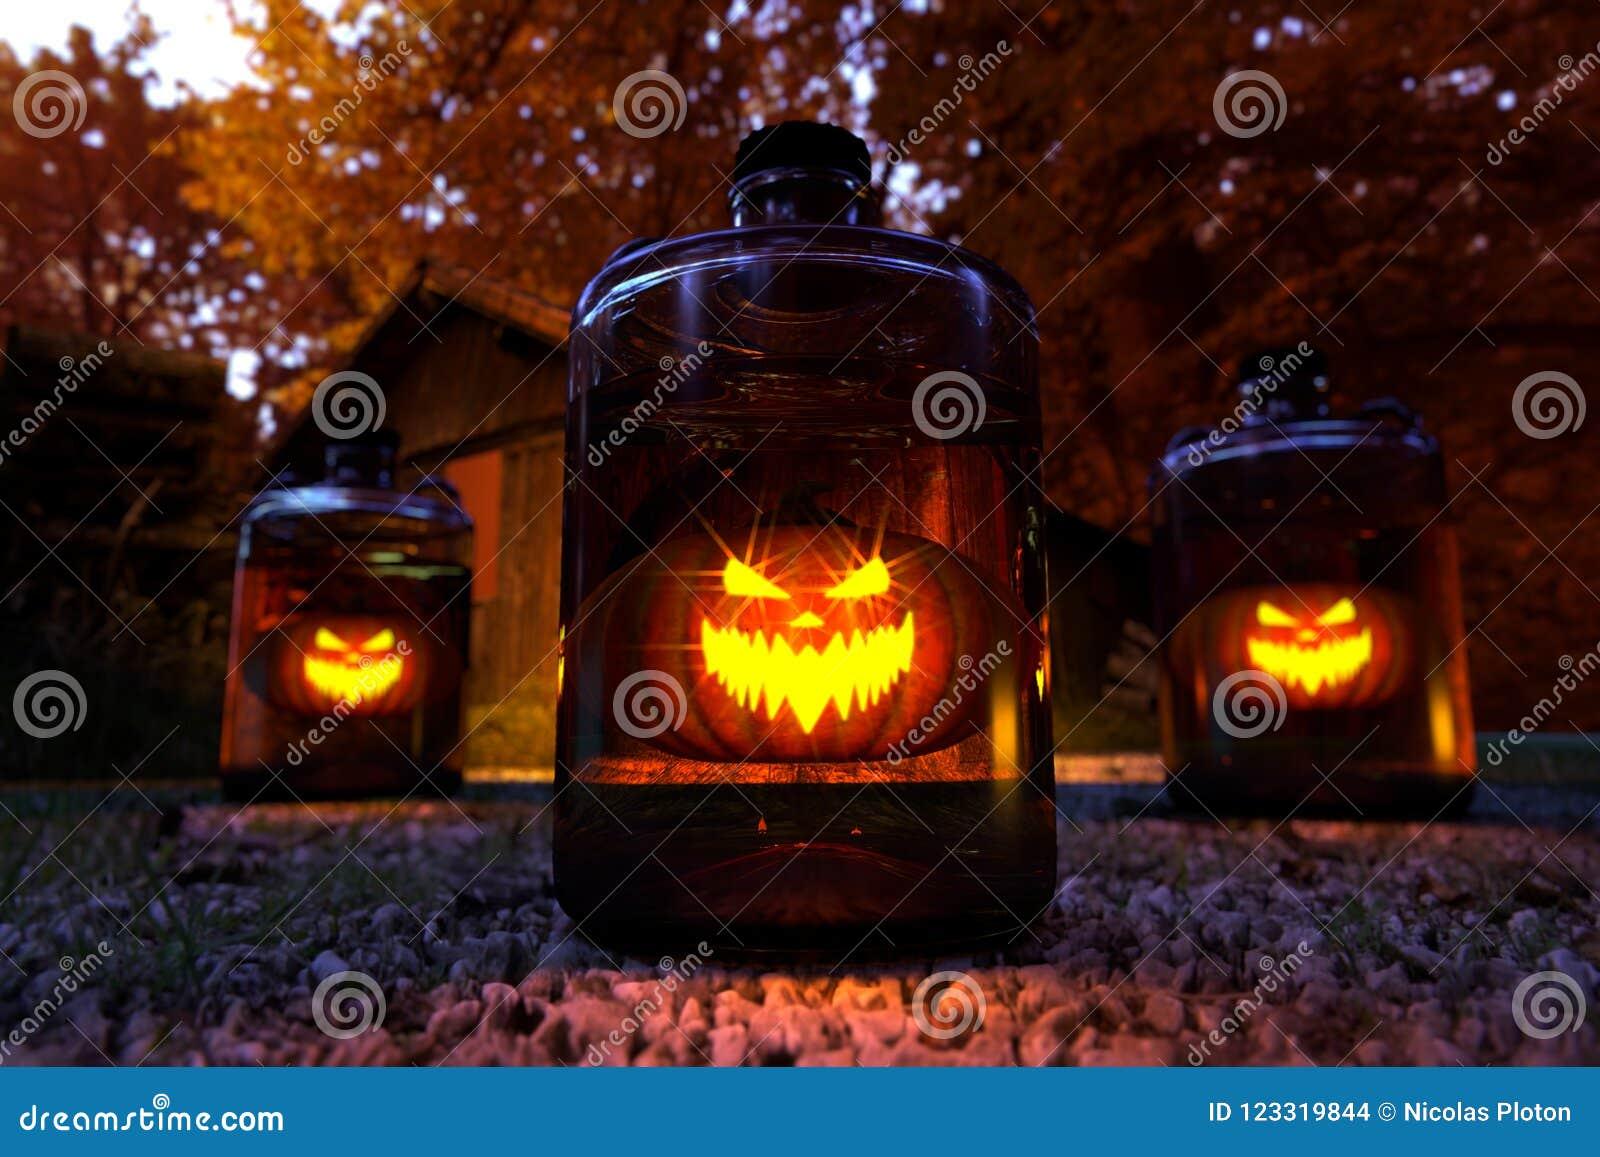 Konzept von Halloween im Wald, Illustration 3d